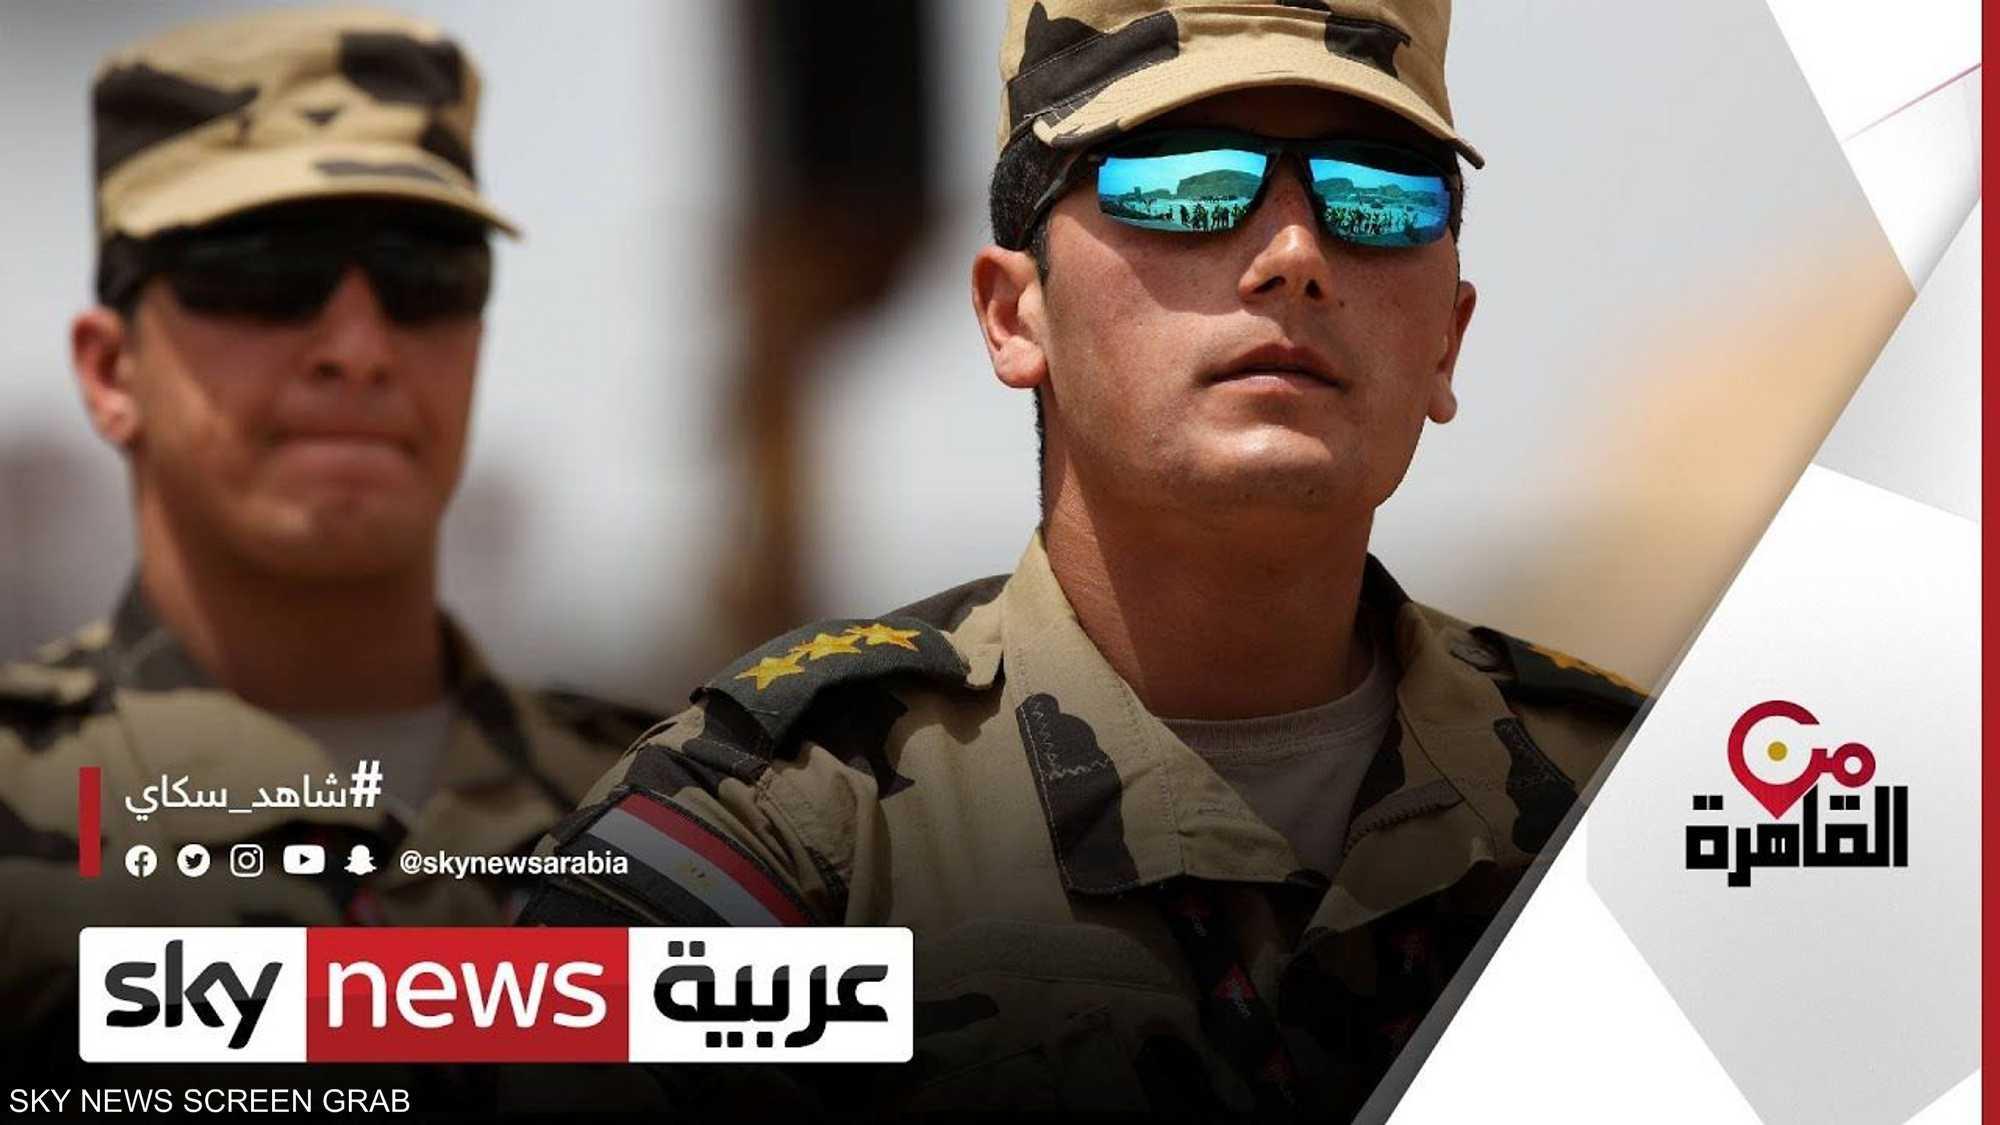 القوات المسلحة المصرية.. تدريبات عسكرية نوعية متعددة